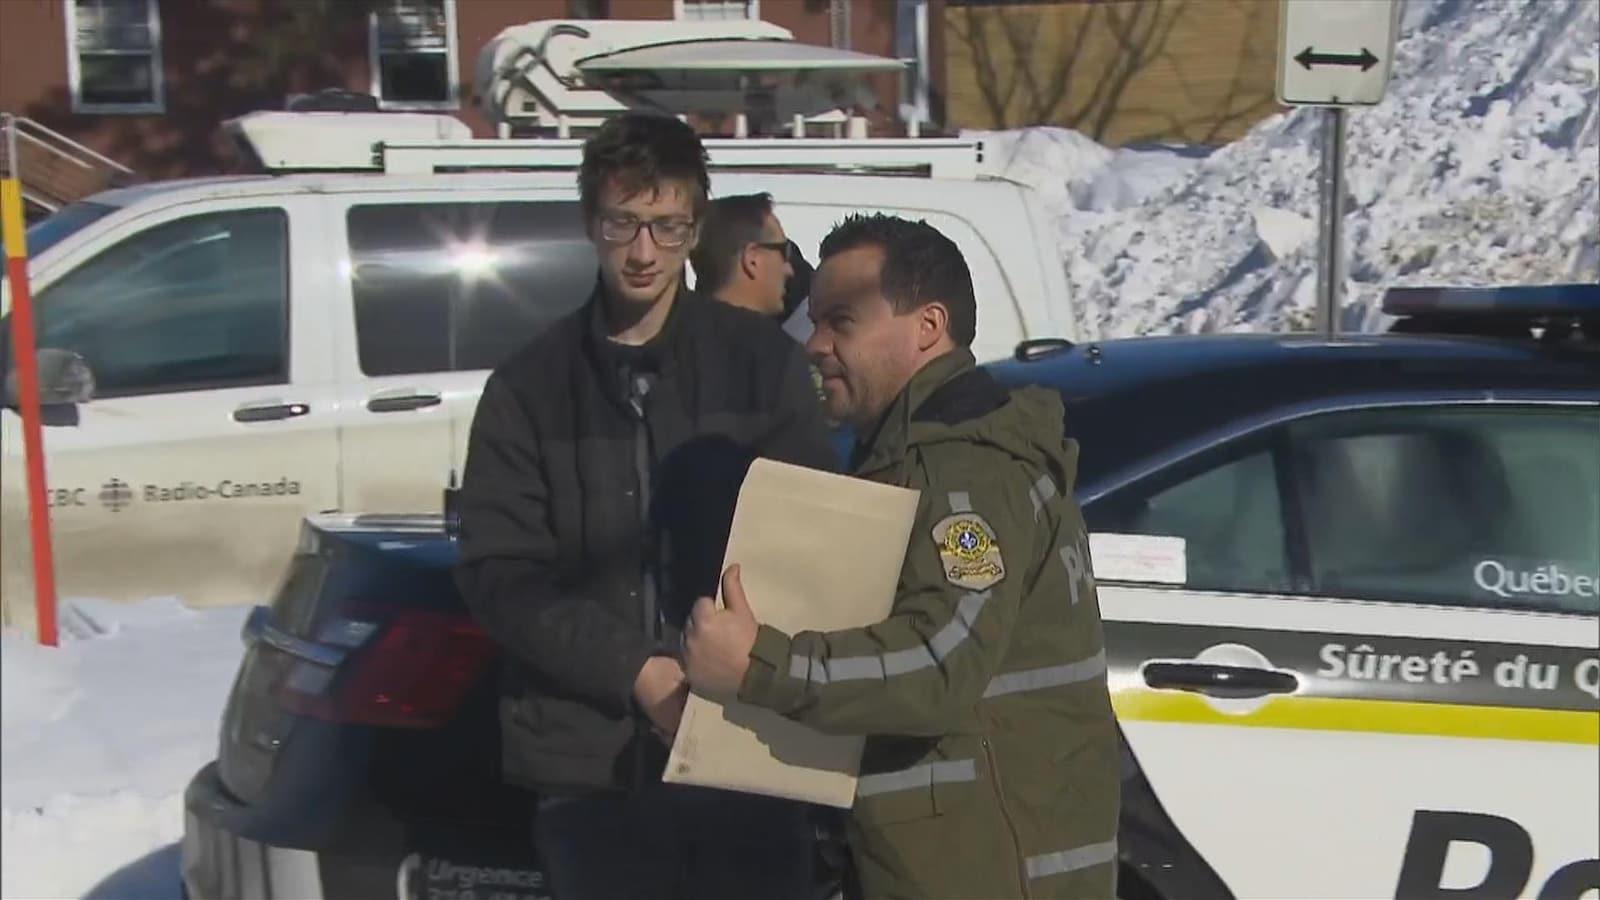 Un jeune homme est menotté et il est accompagné d'un policier de la Sûreté du Québec.